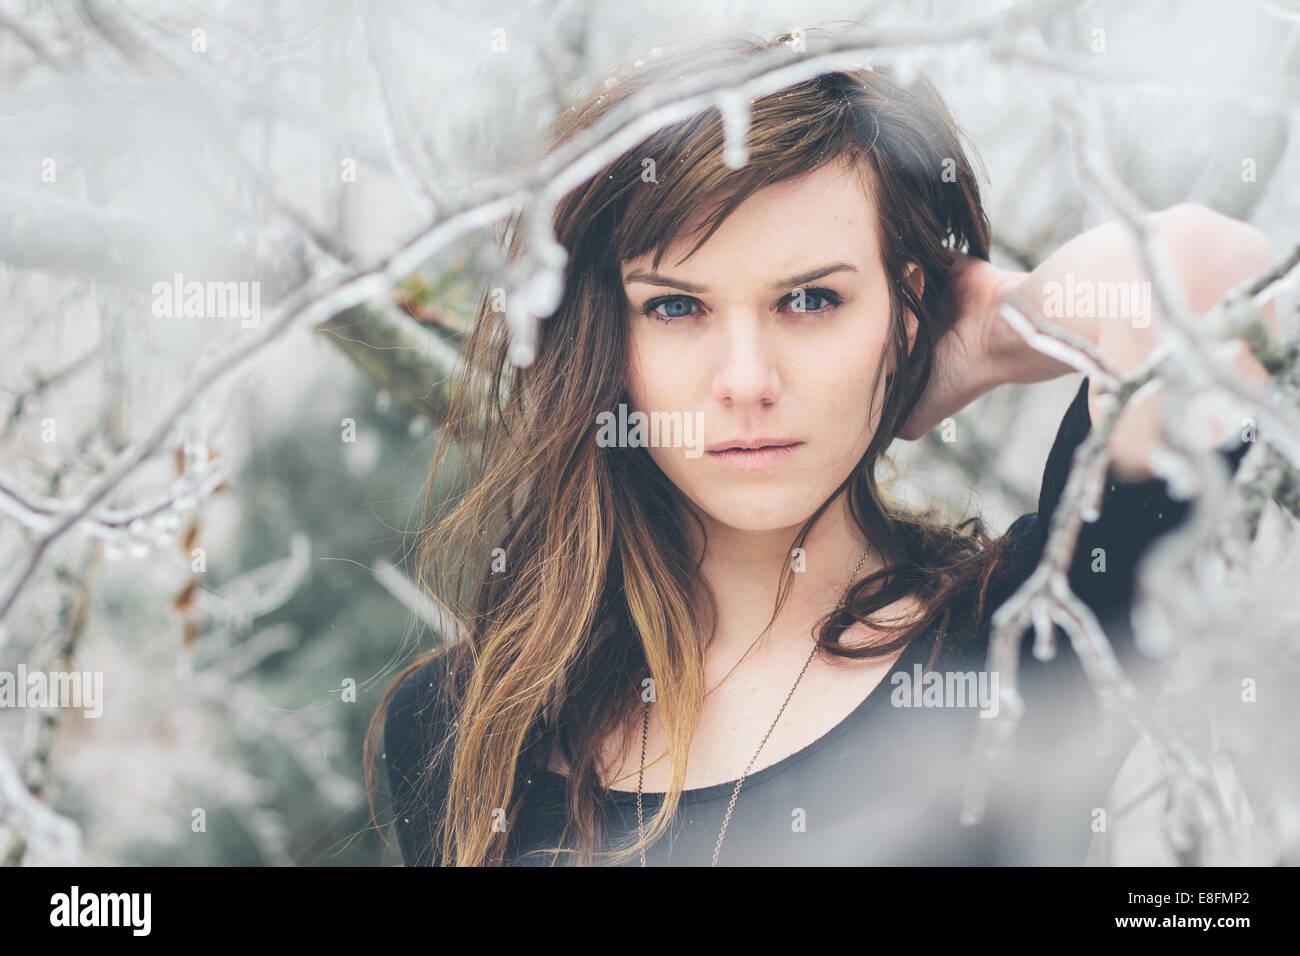 Retrato de una joven de pie entre árboles congelados, Franklin, Tennessee, EE.UU Foto de stock